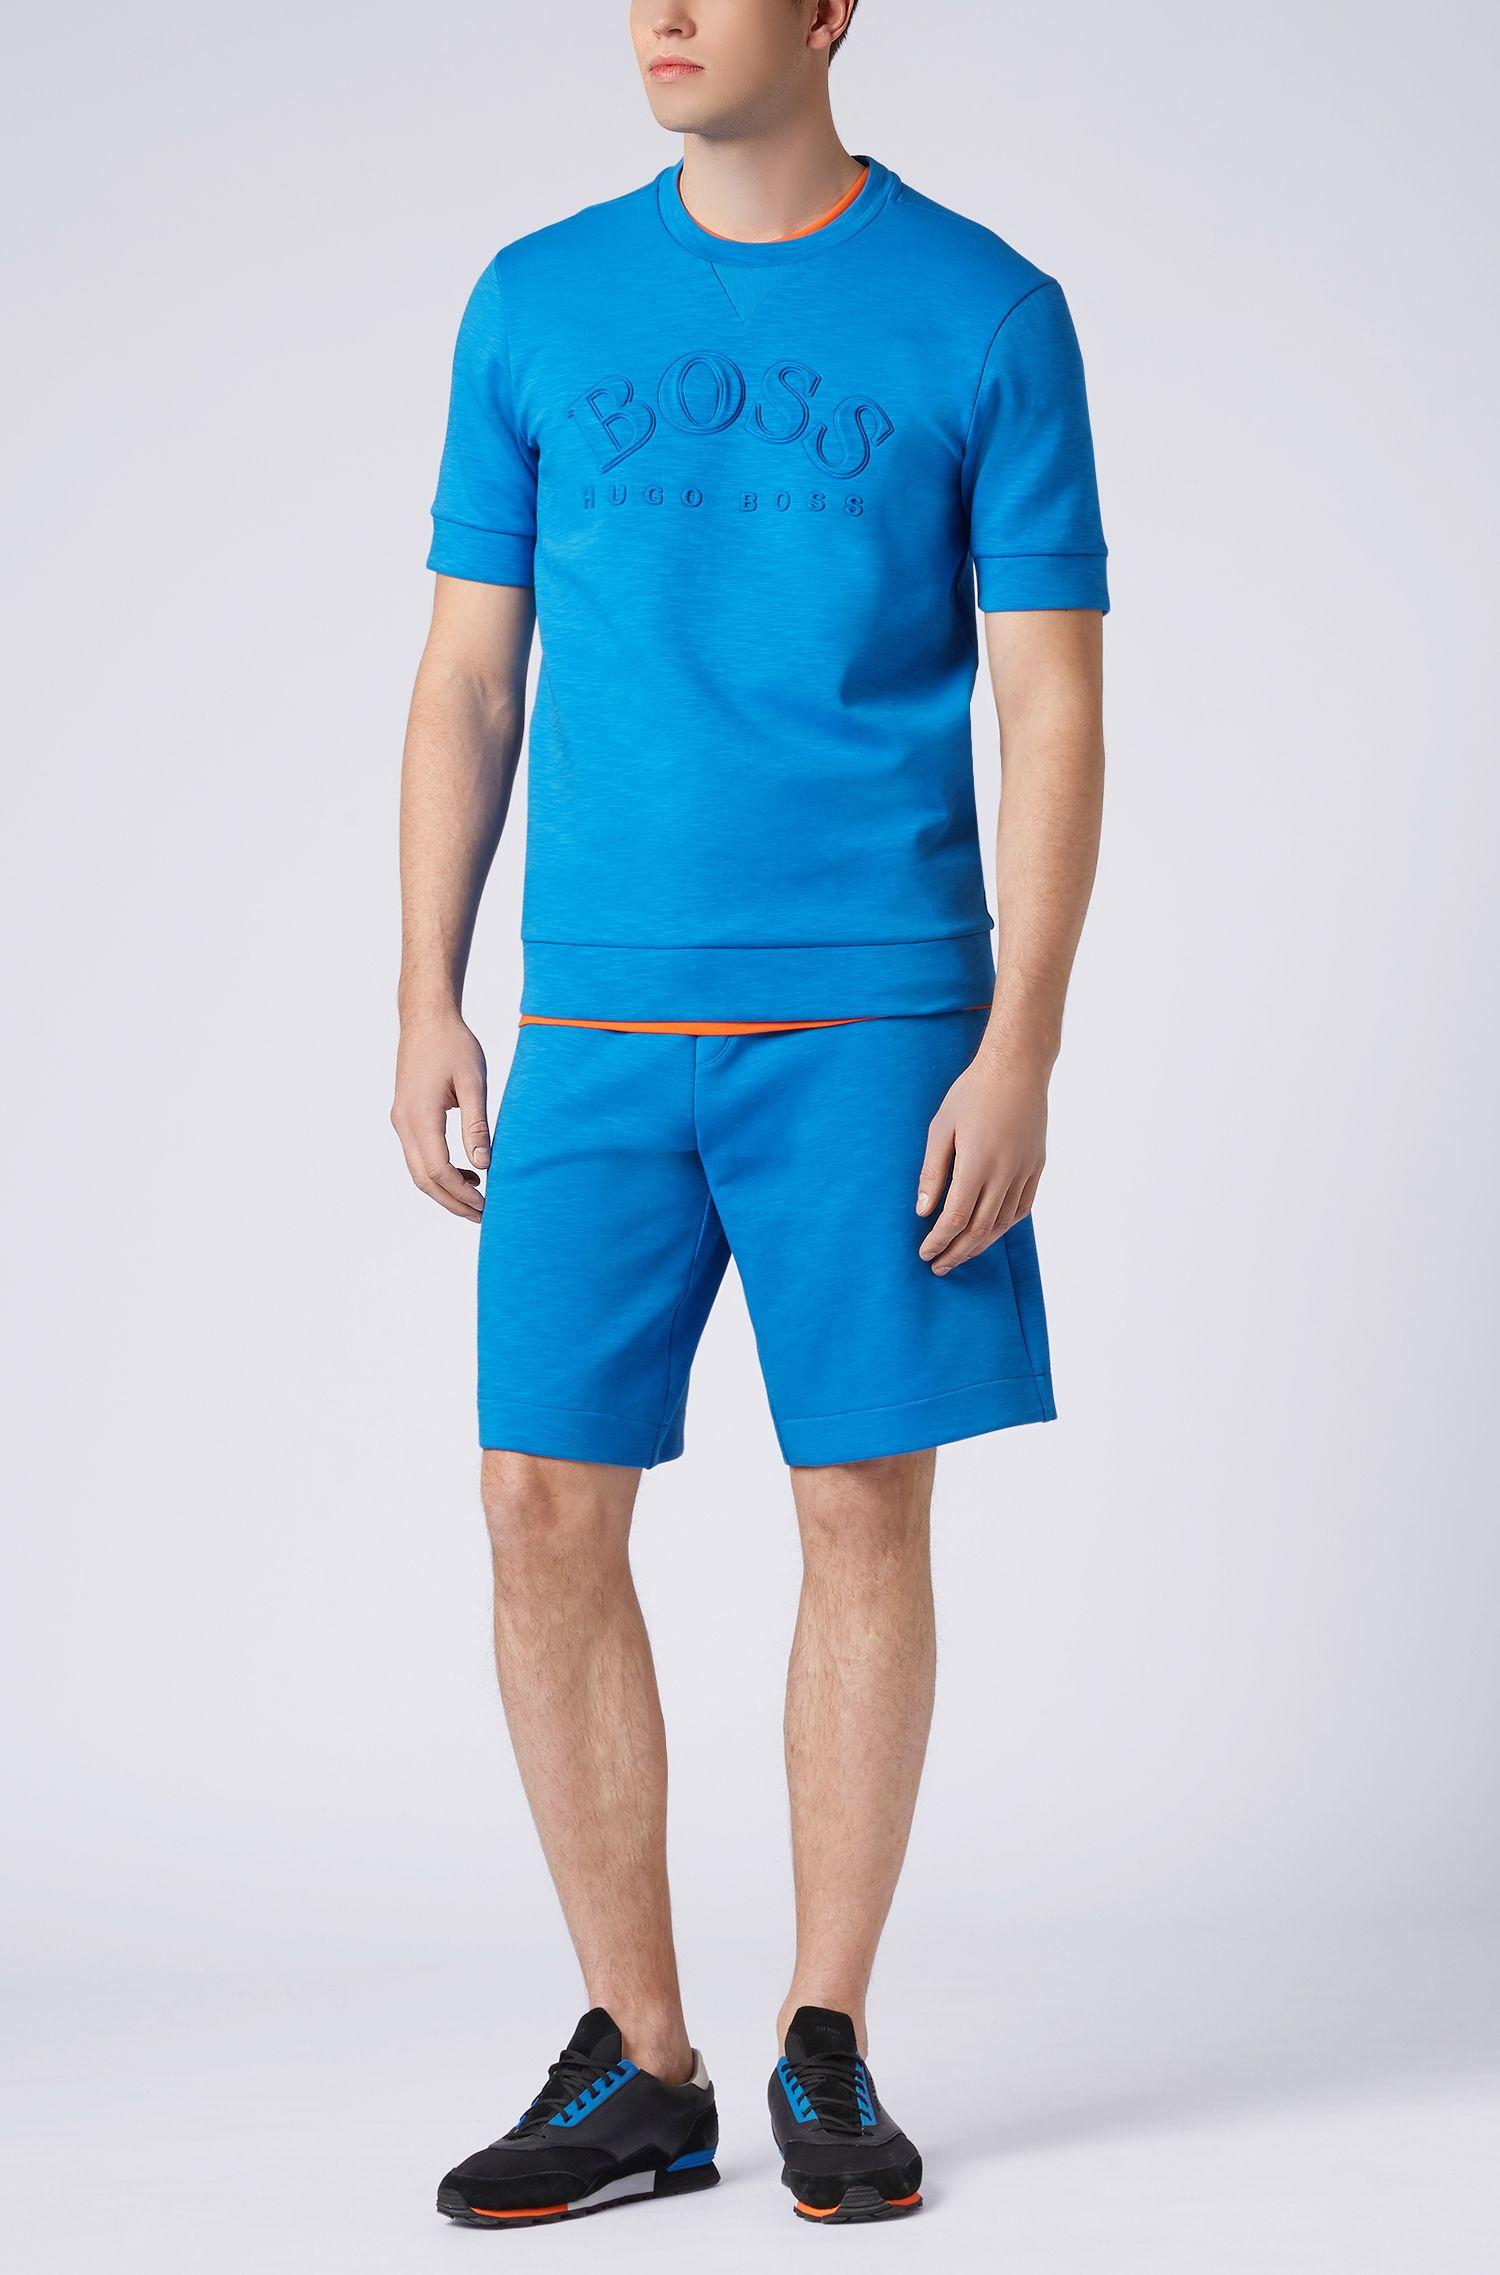 Hugo Boss - Sweatshirt aus Baumwoll-Mix mit kurzen Ärmeln und Logo-Prägung - 2